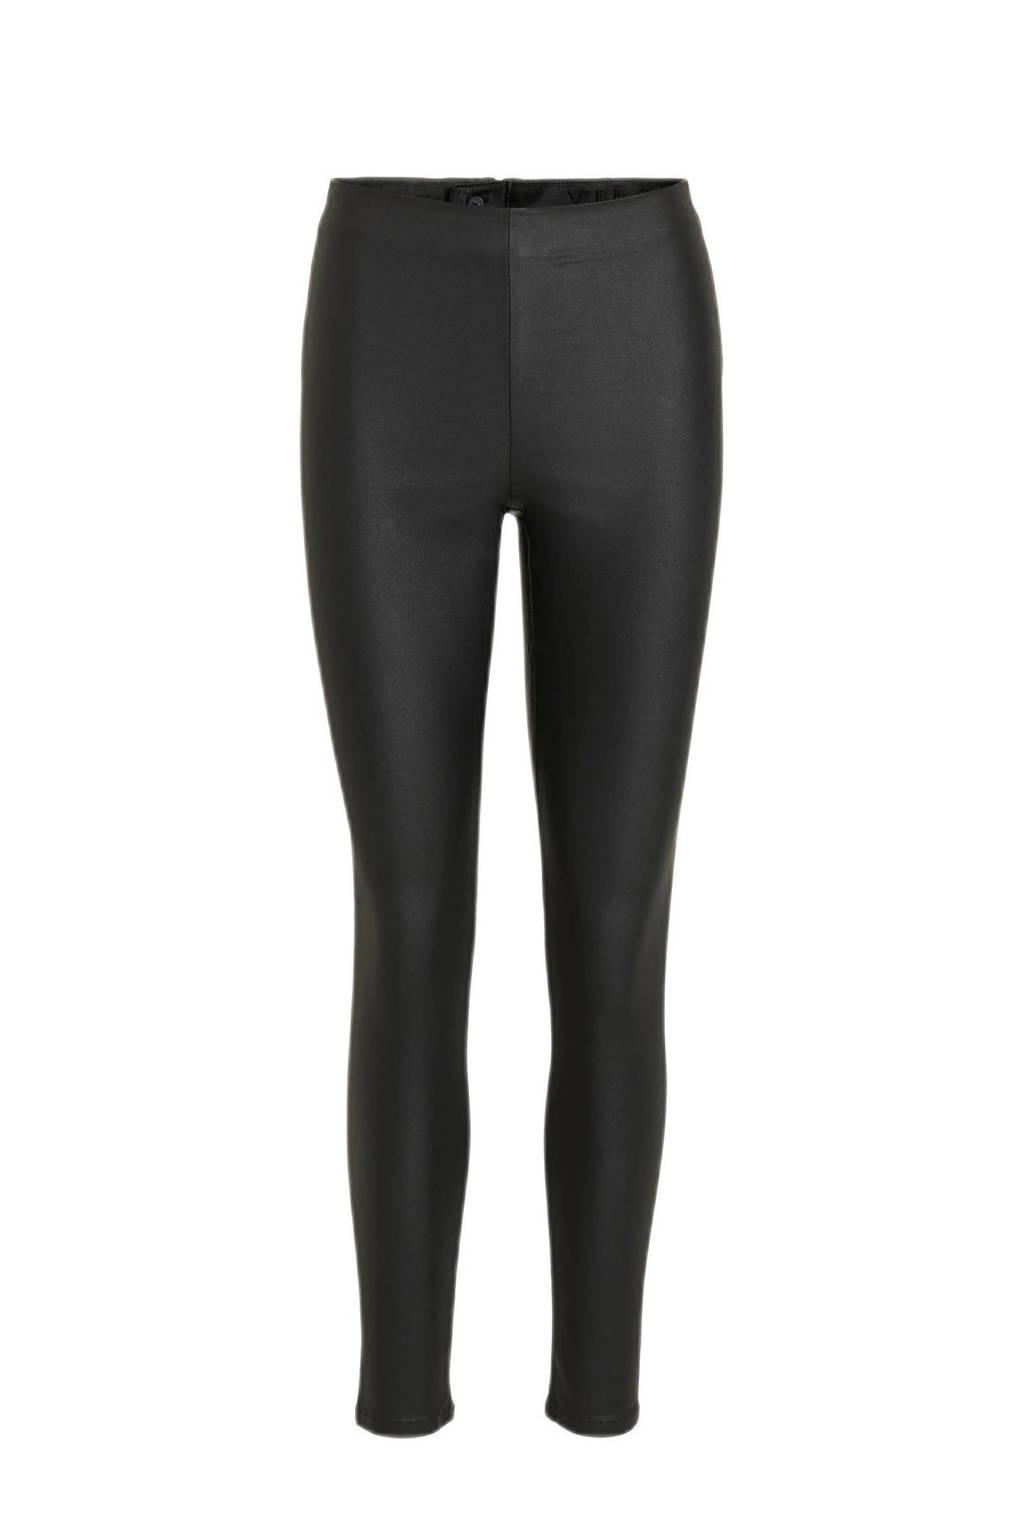 VILA gecoate legging, Zwart